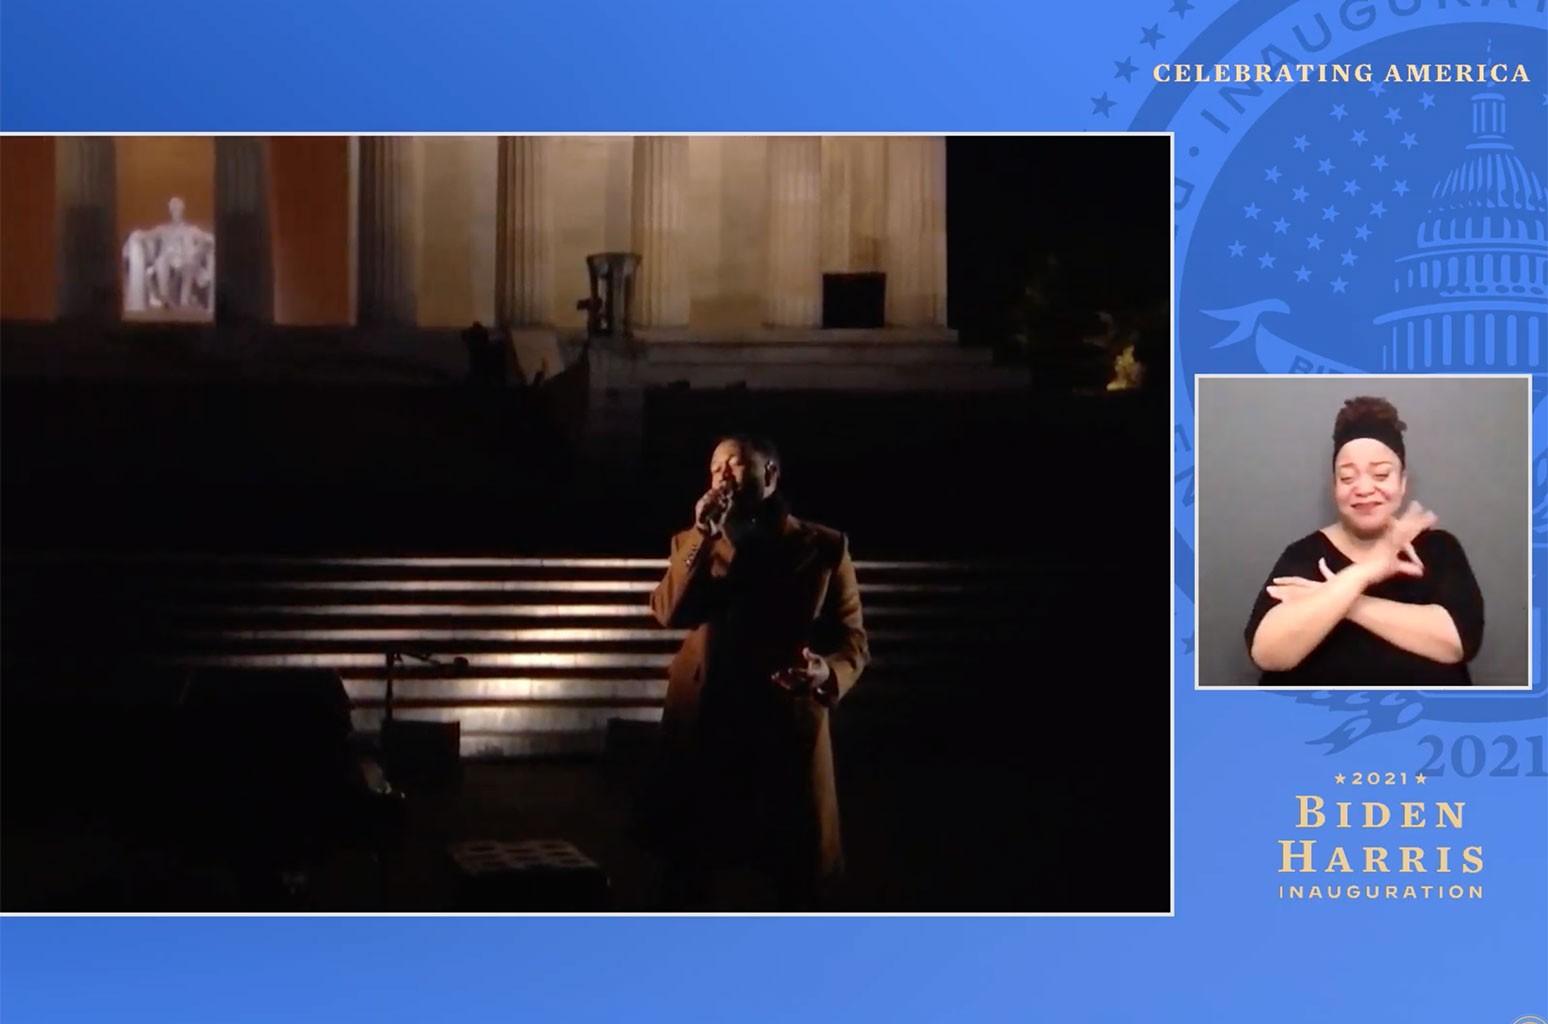 Джон Ледженд «чувствует себя хорошо» своим выступлением на концерте «Celebrating America»